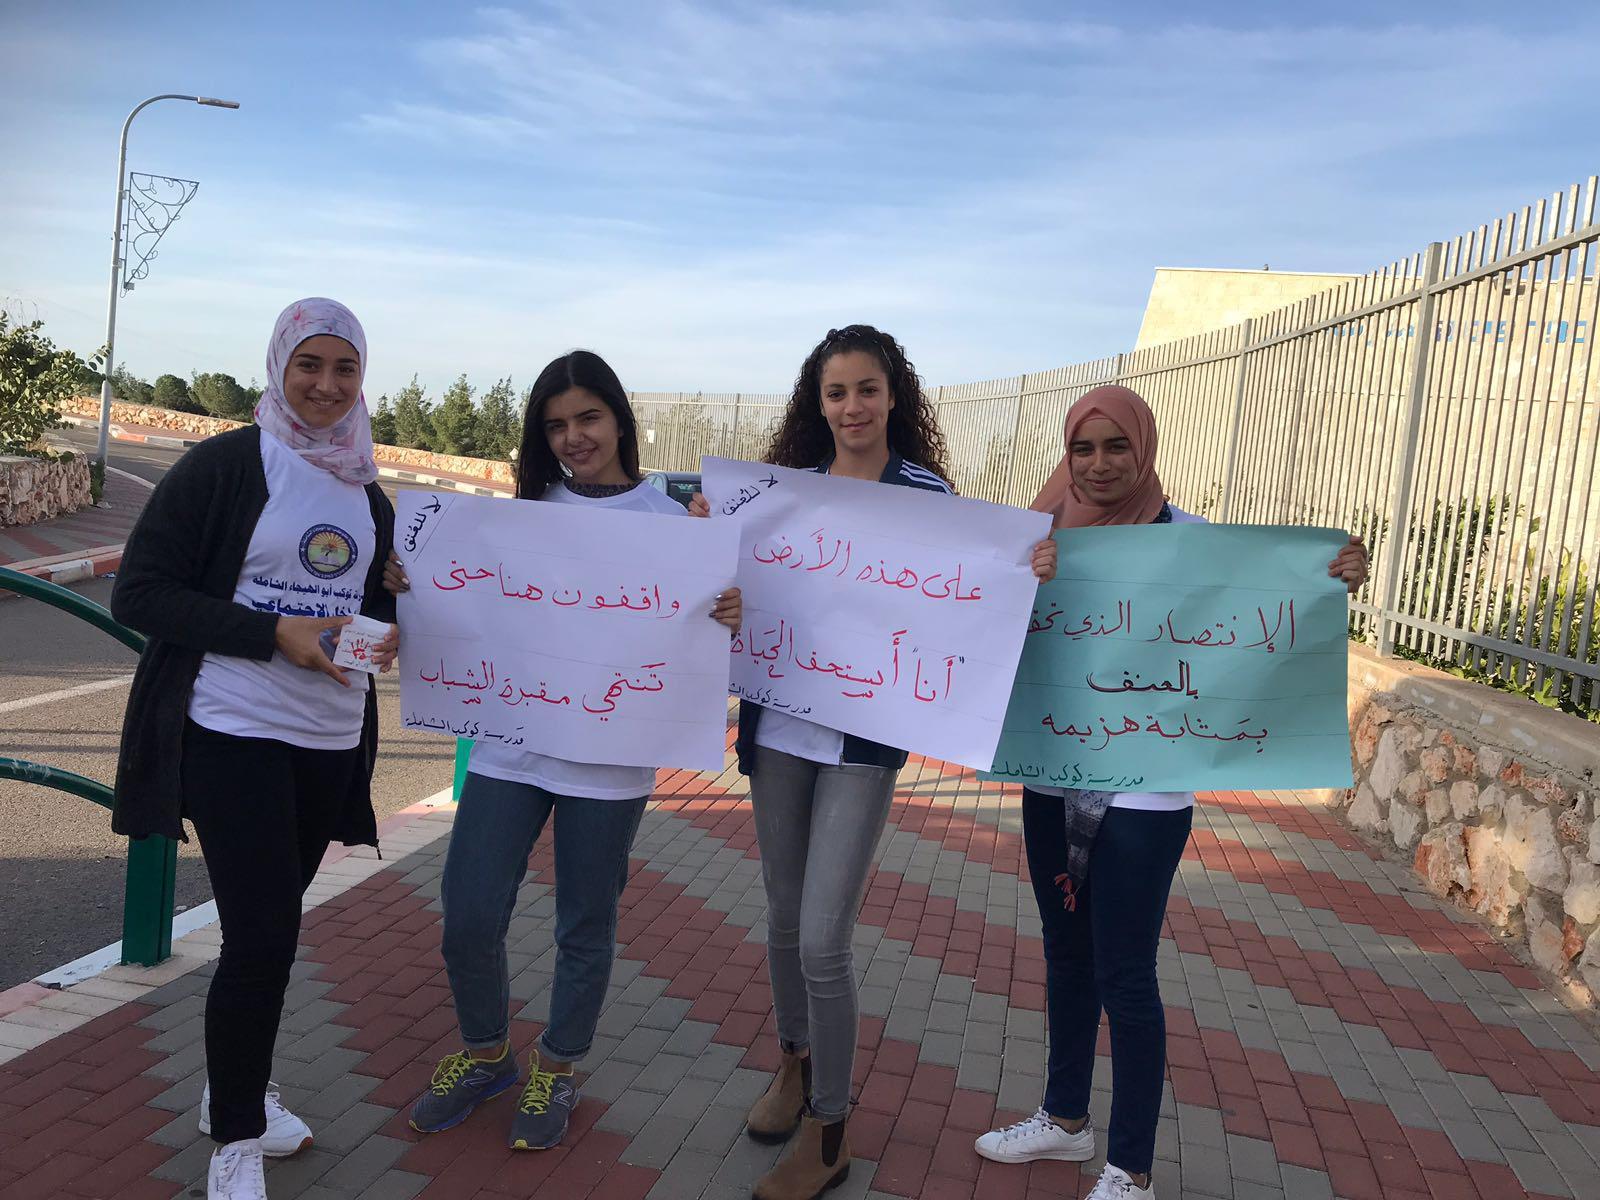 رفضا لآفة العنف المستشري:ثانوية كوكب ابو الهيجاء تنظم وفقة احتجاجيّة ورفع شعارات مقابل جميع المؤسسات التربويّة